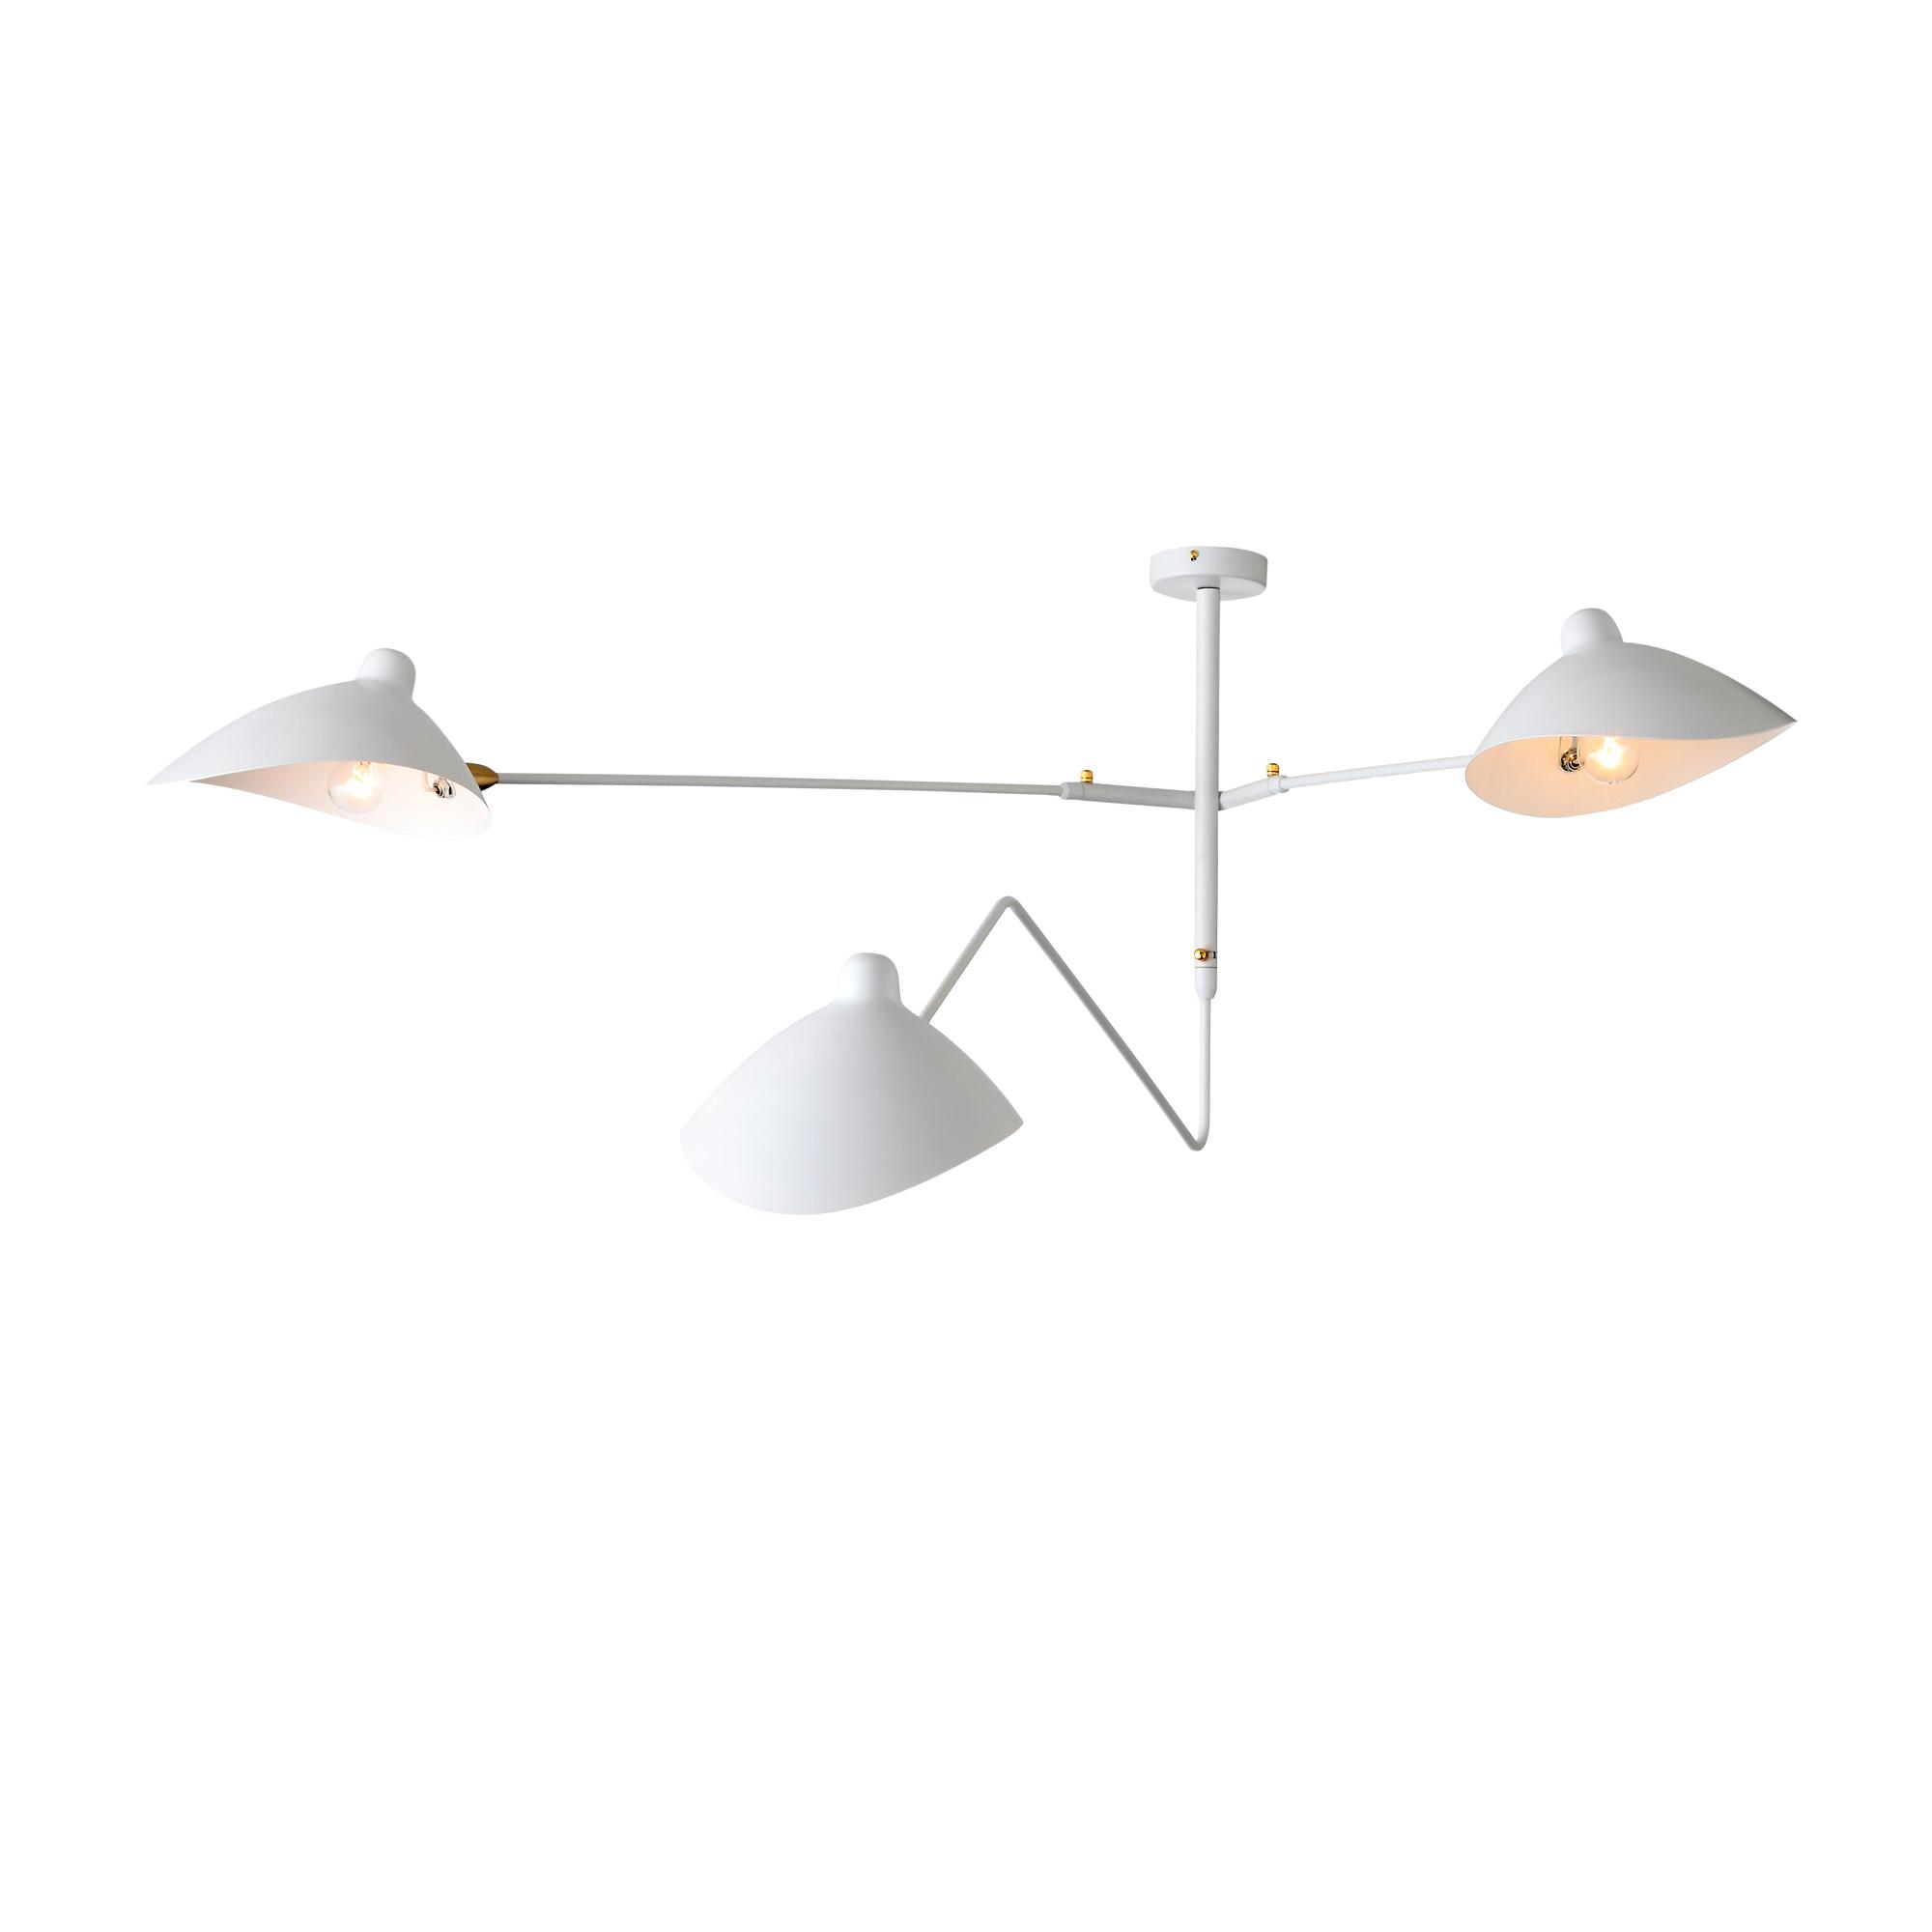 Потолочные светильники SL305.502.03 Spruzzo ST Luce